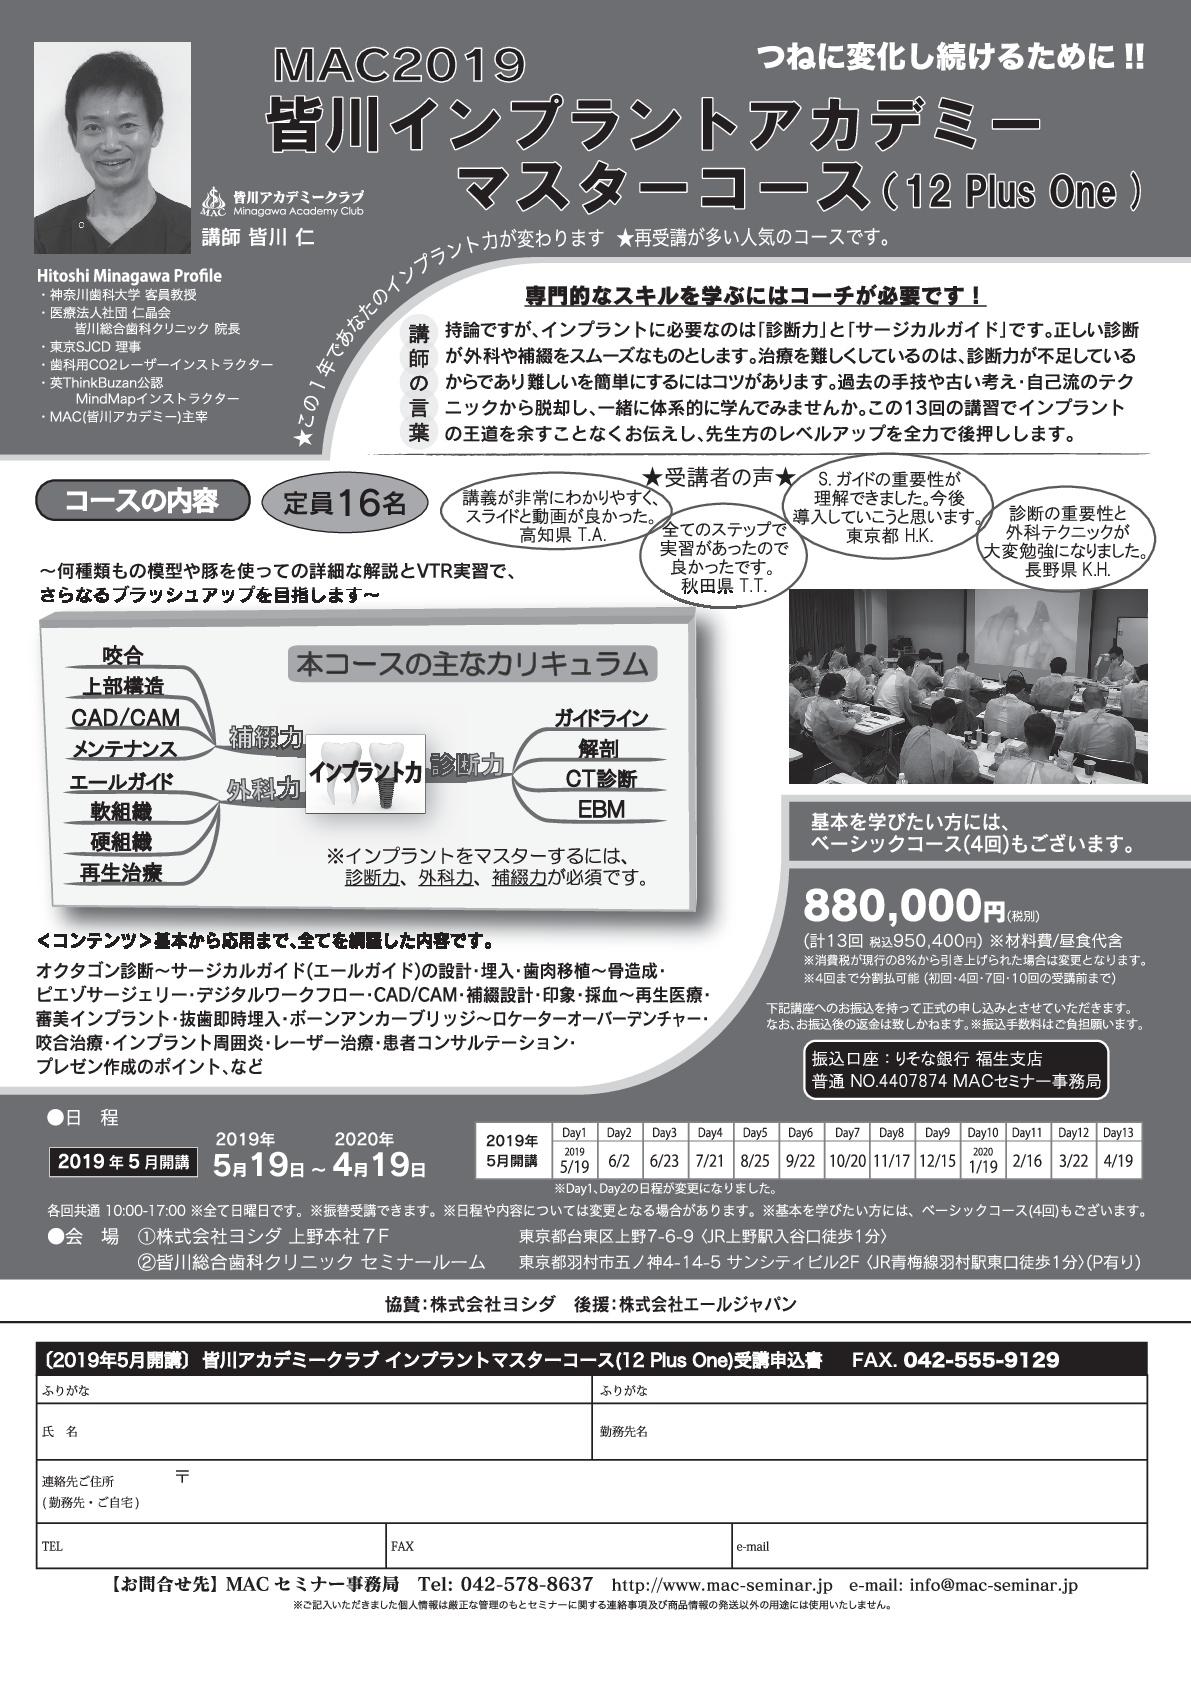 【満席】皆川インプラントアカデミー マスターコース (12 Plus One)